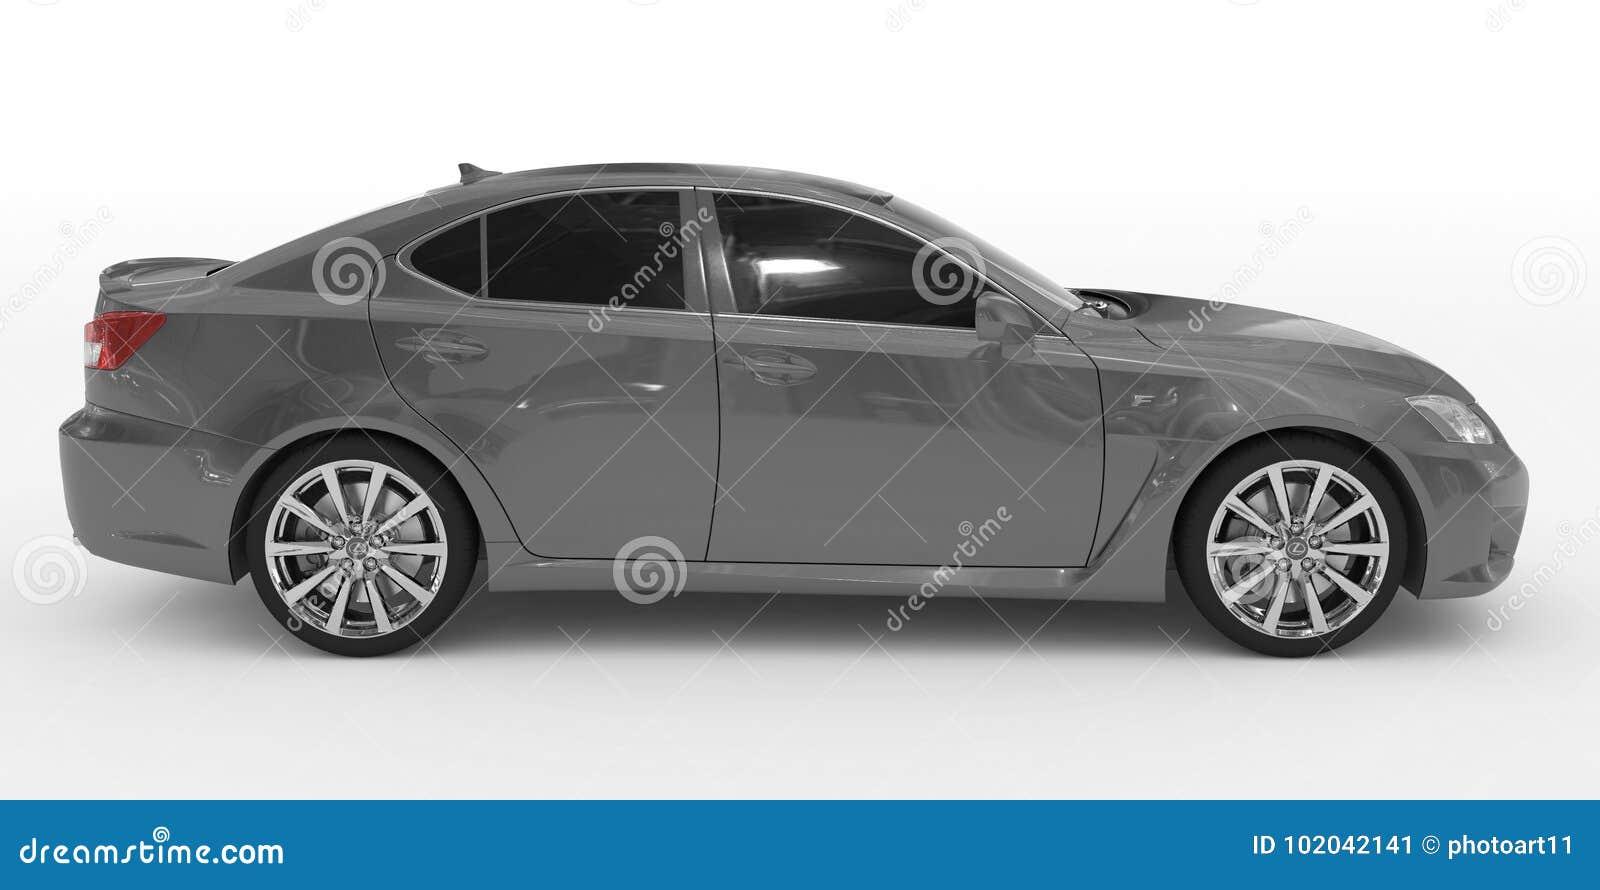 Автомобиль изолированный на бело- серой краске, подкрашиванном стекле - правильной позиции VI